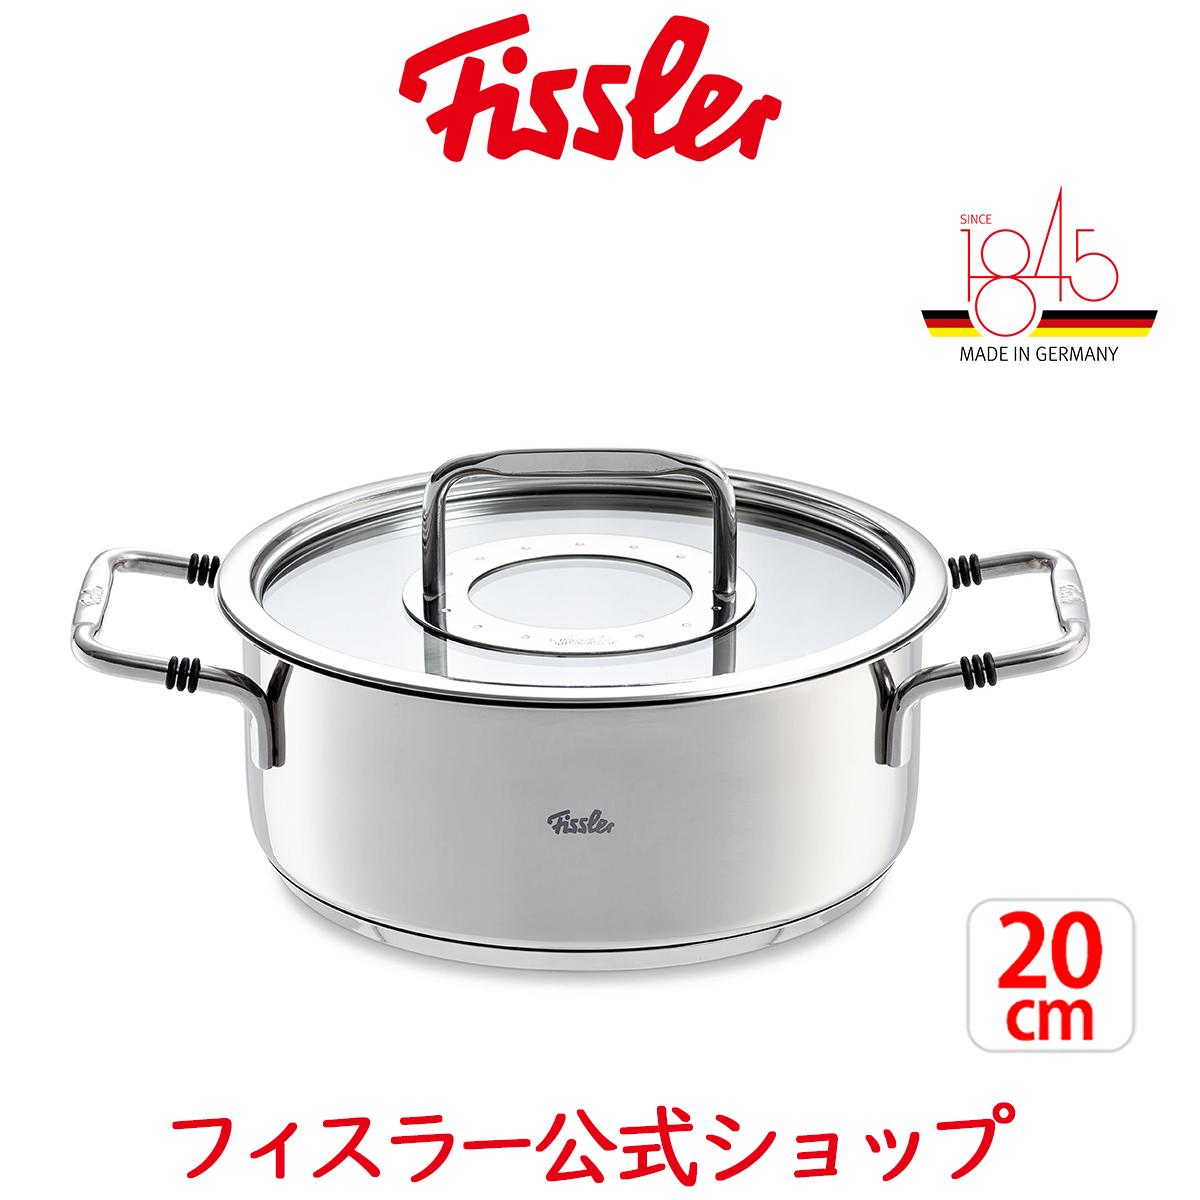 【公式】 フィスラー 両手鍋 ボン キャセロール20cm 086-122-20-000 IH対応・ガス火対応 メーカー公式 ステンレス製 Fissler 4009209363585